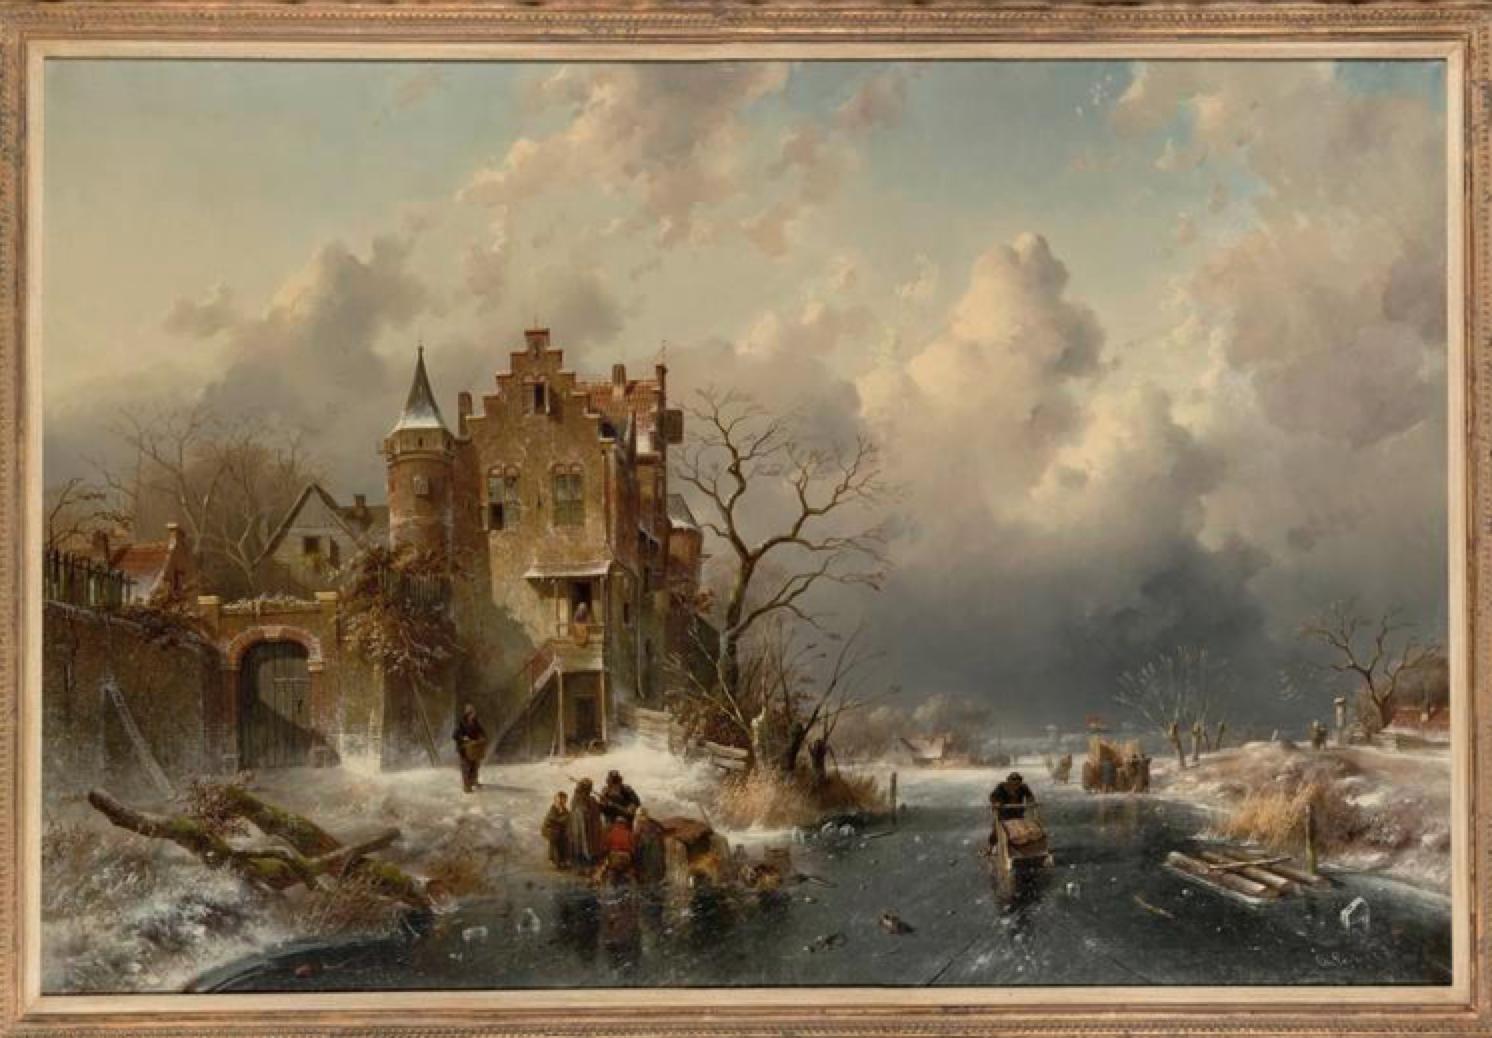 Donatie winterlandschap Charles Leickert aan Teylers Museum Haarlem